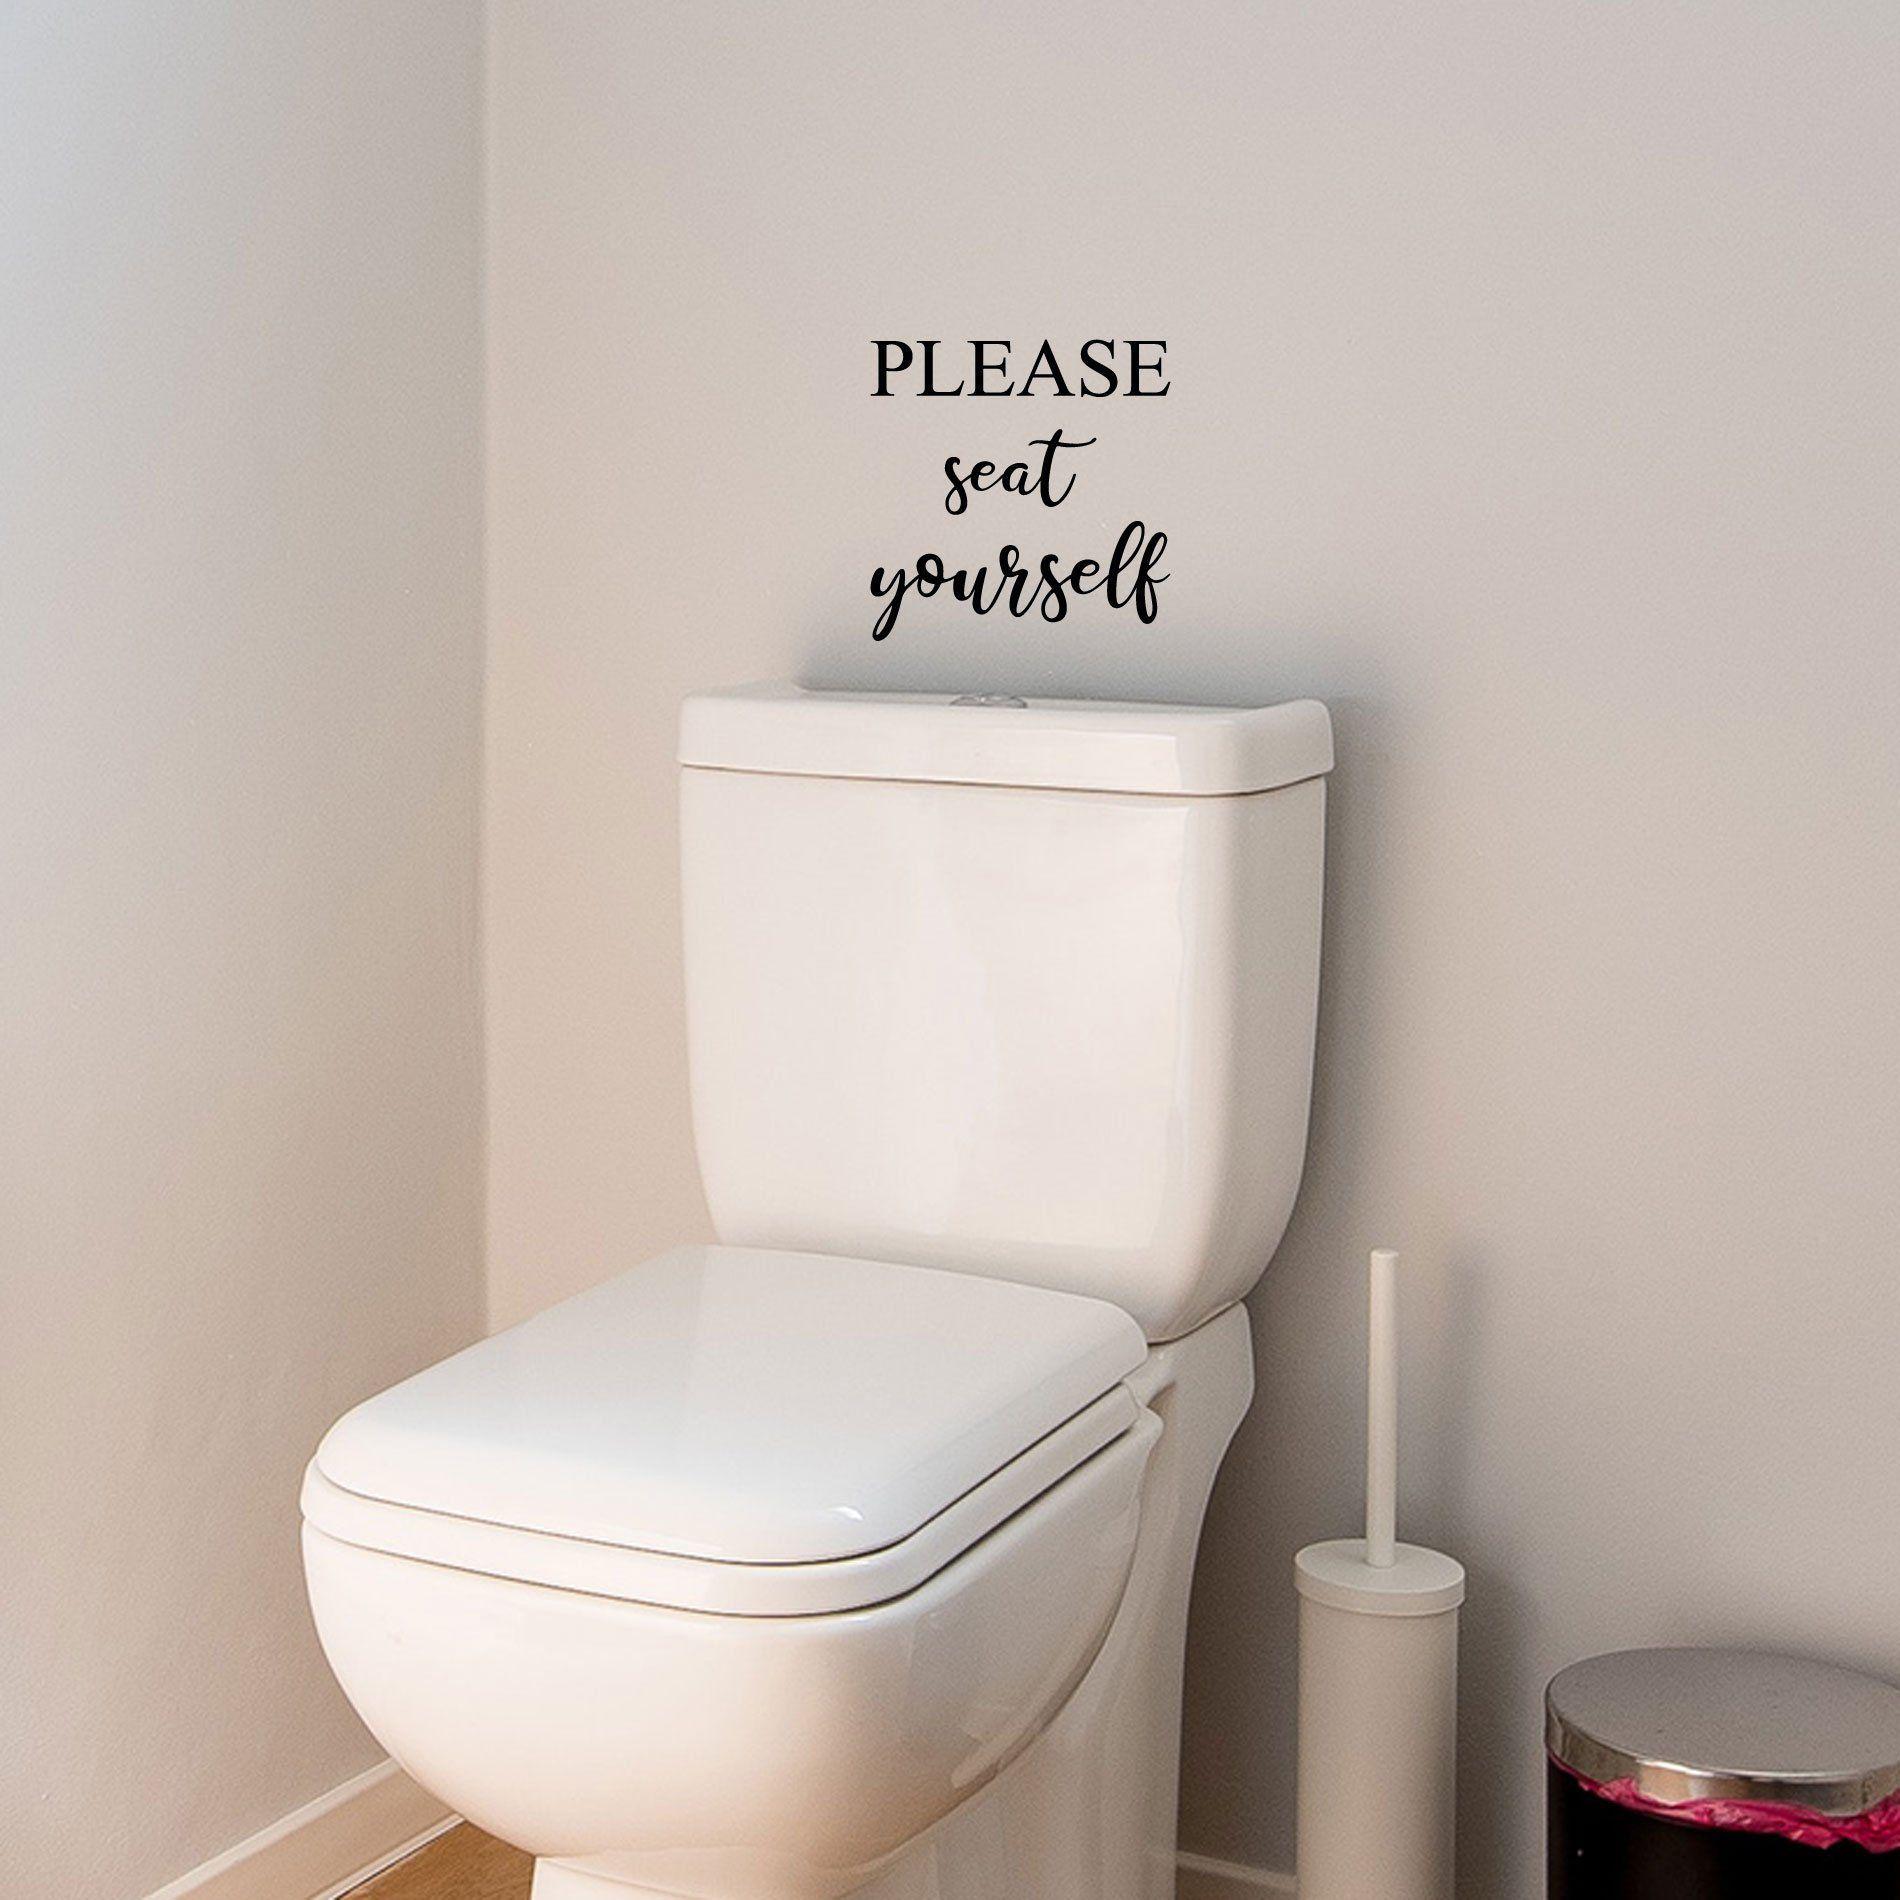 Decal Funny Bathroom Sticker Wall